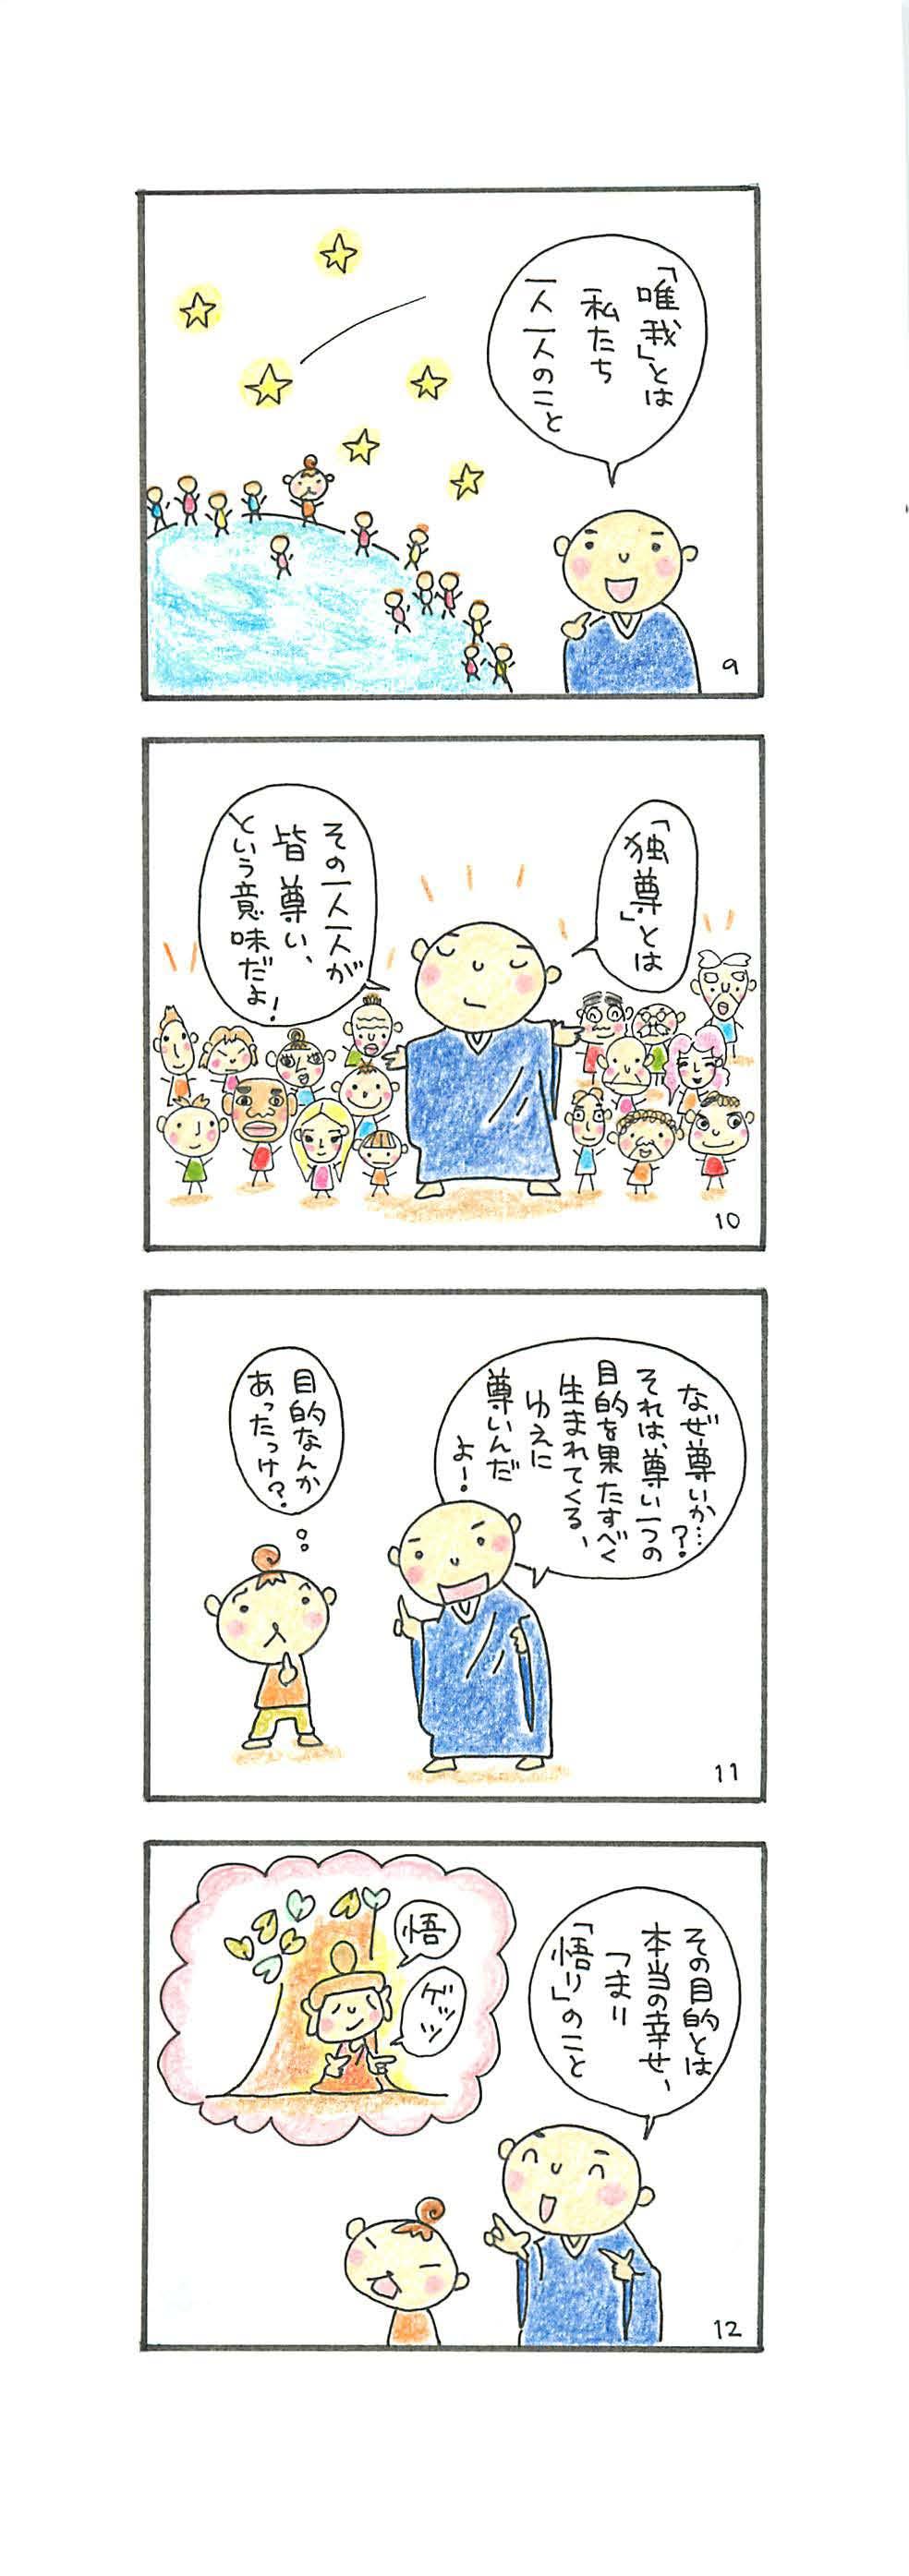 降誕会漫画薫明花まつり_ページ_3